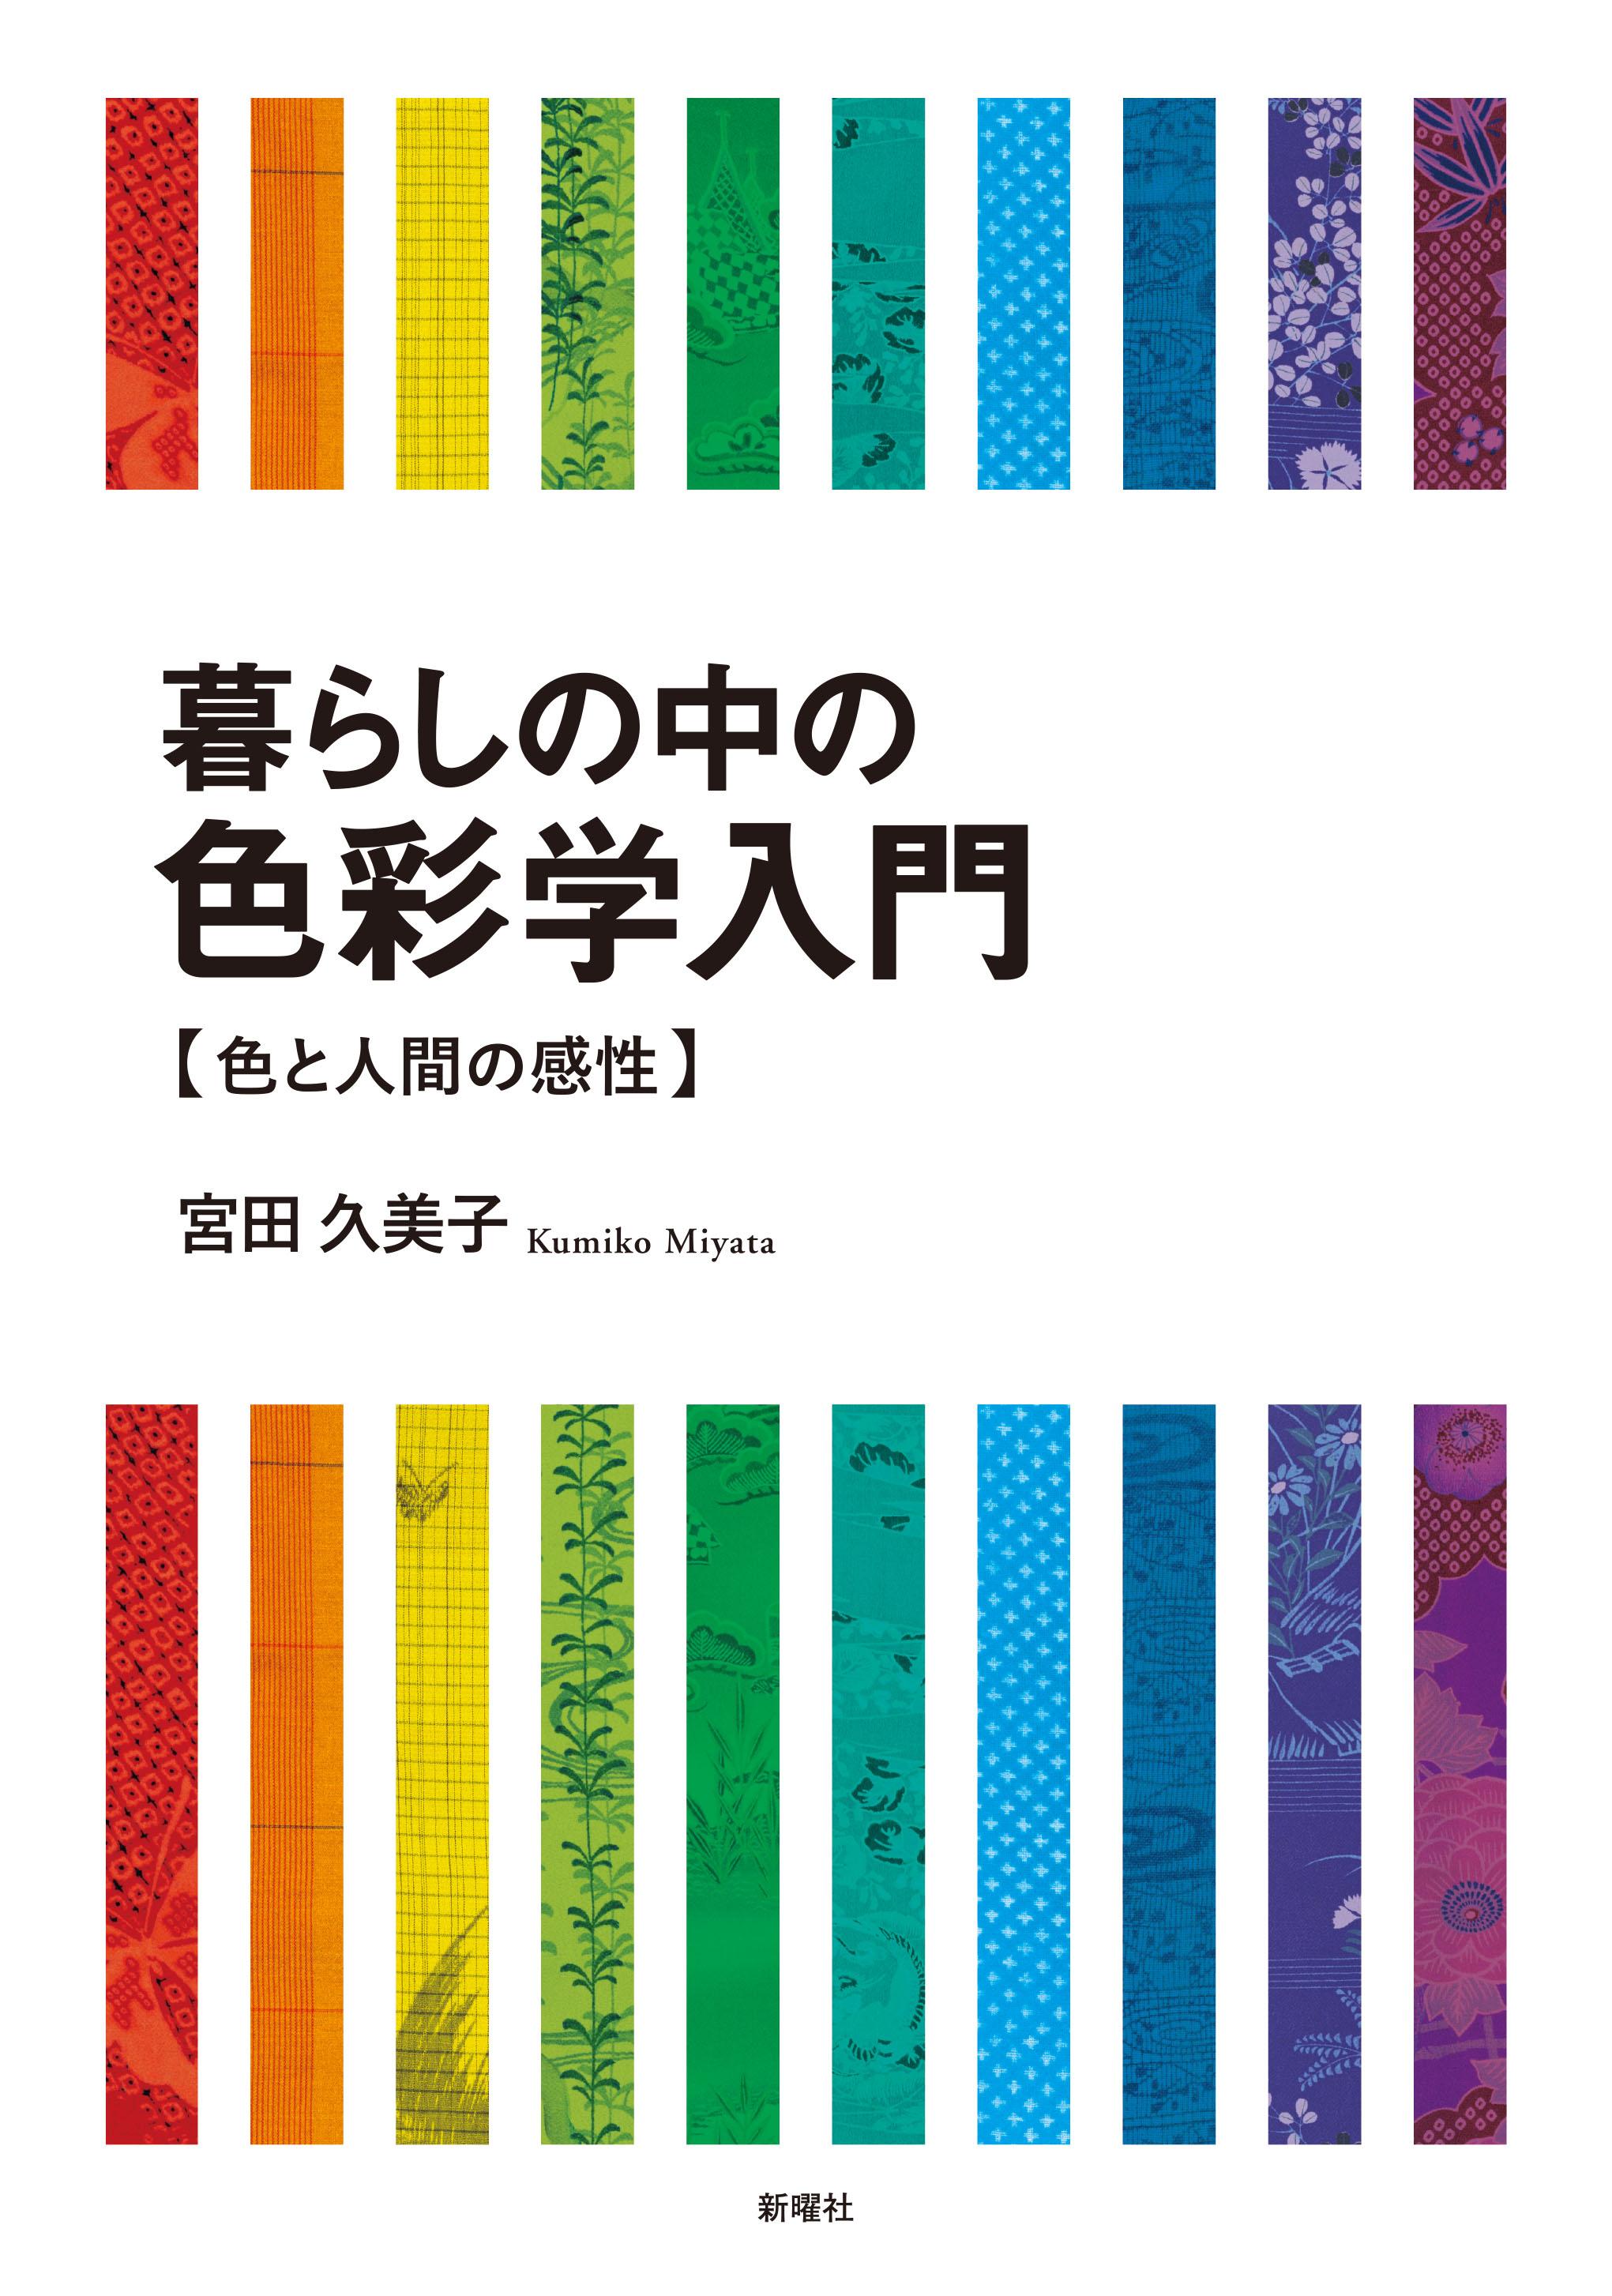 暮らしの中の色彩学入門【色と人間の感性】